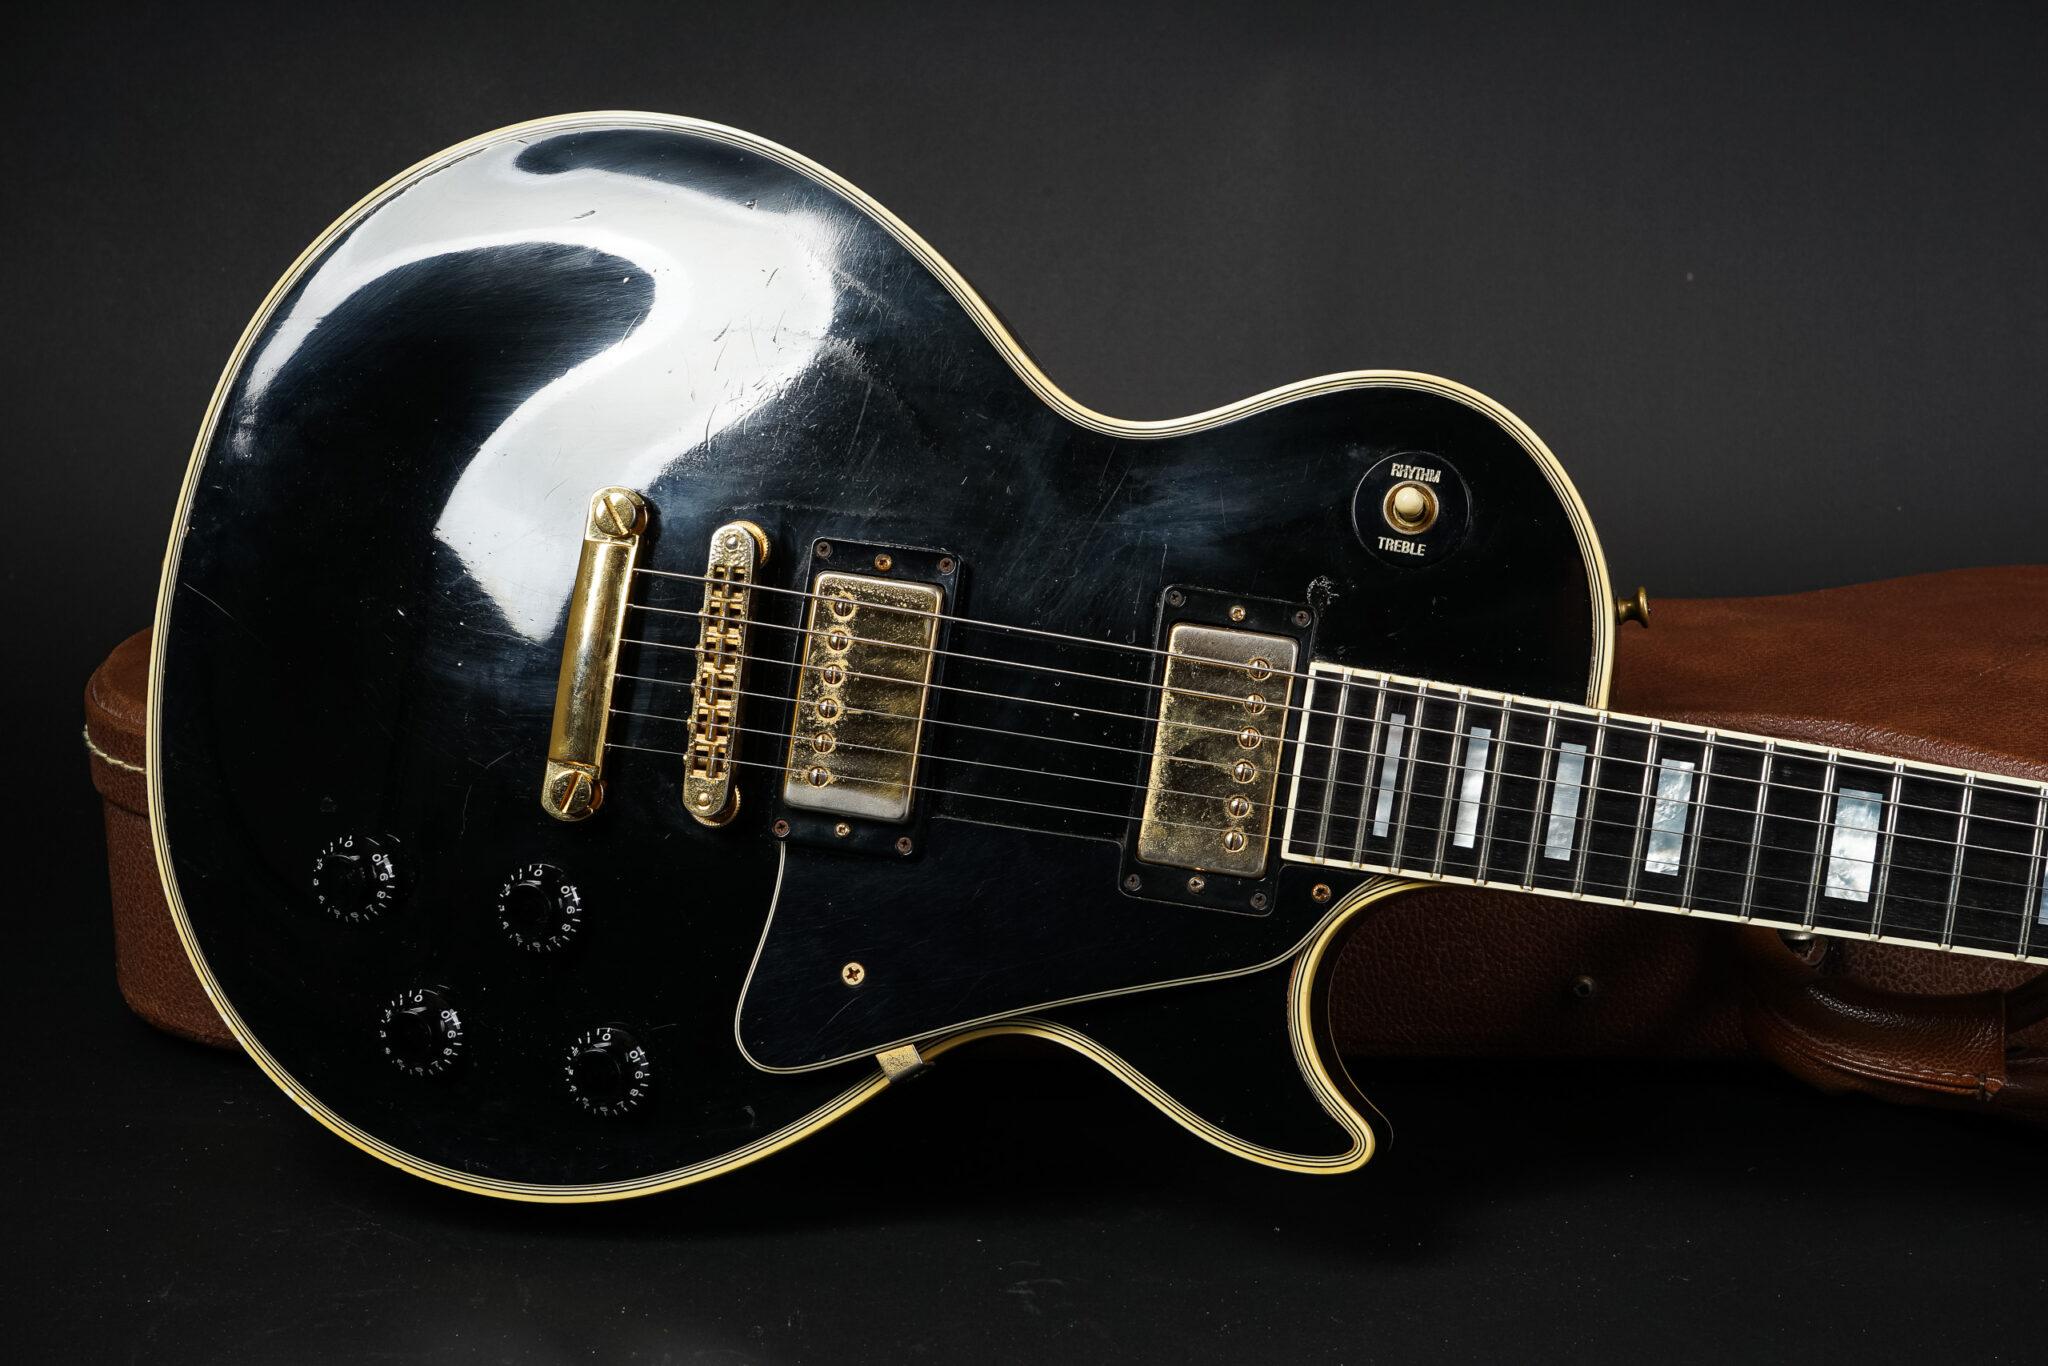 https://guitarpoint.de/app/uploads/products/1987-gibson-les-paul-custom-ebony/1987-Gibson-Les-Paul-Custom-Ebony-80787543-7-1-2048x1366.jpg